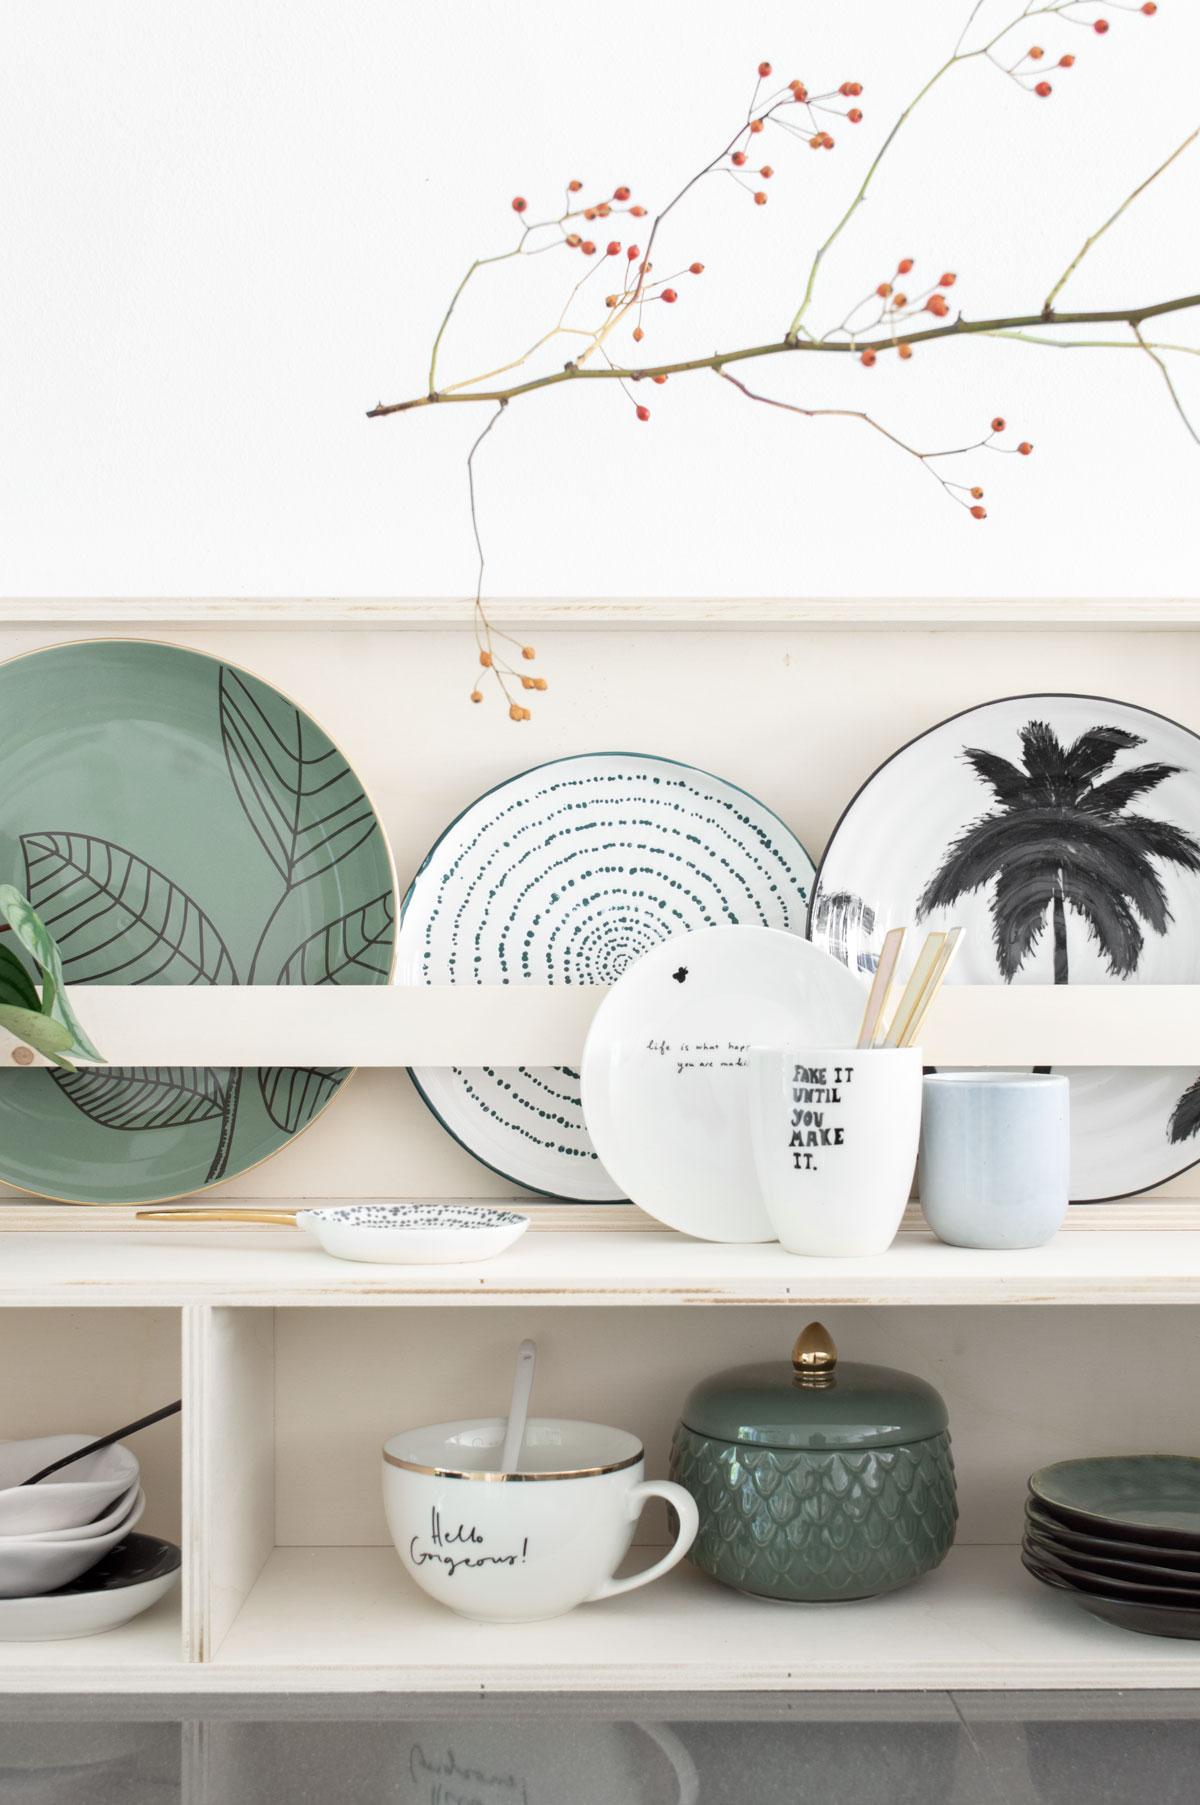 DIY bordenrek - Tanja van Hoogdalem